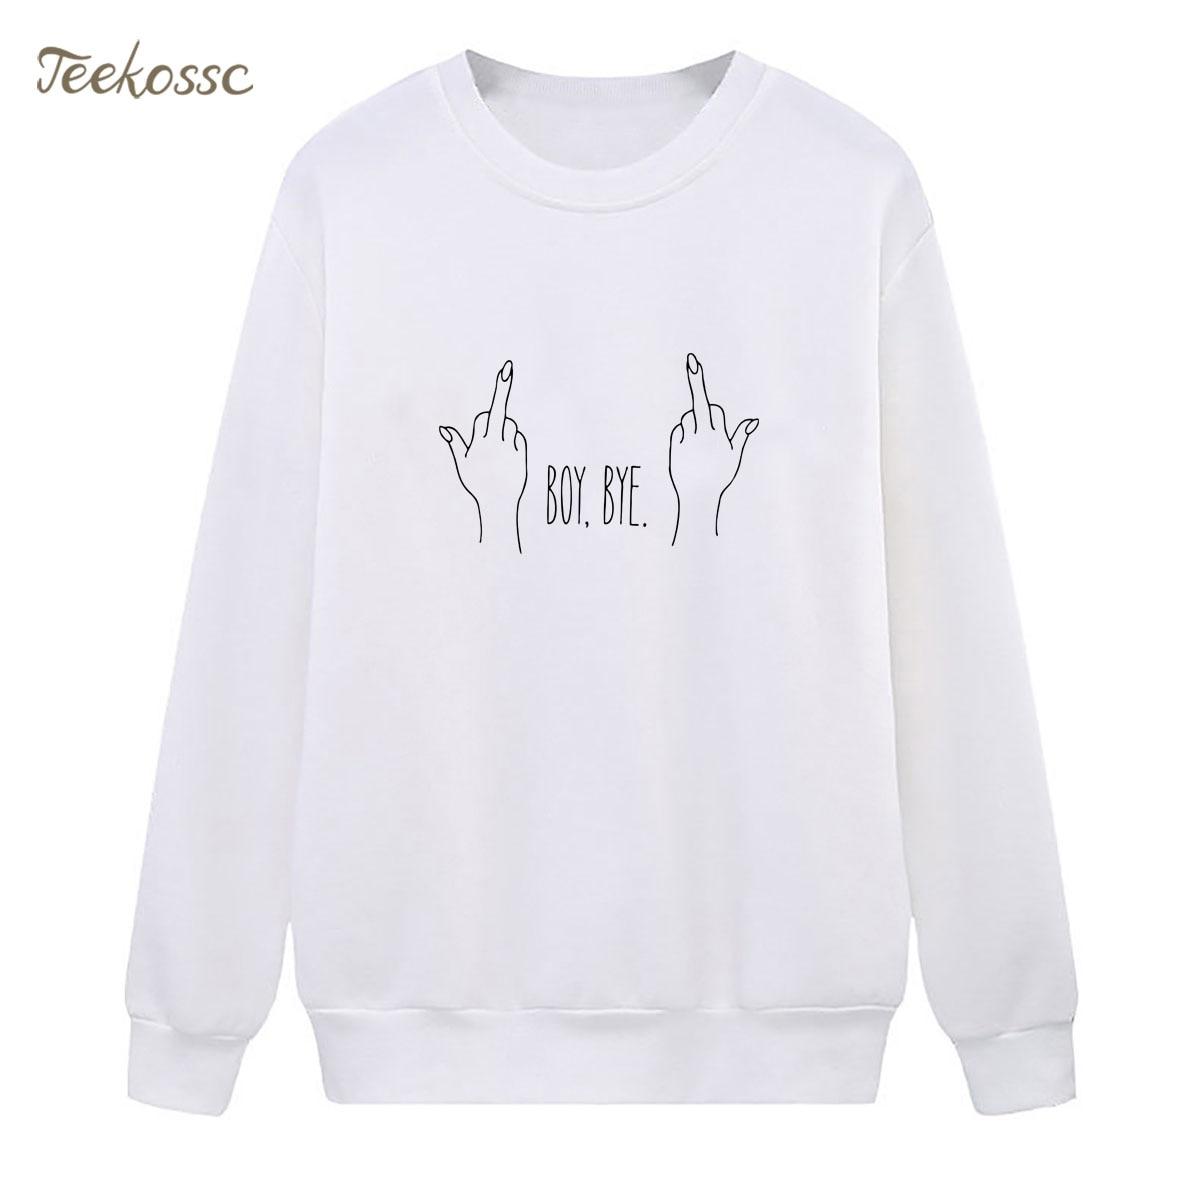 BOY BYE Sweatshirt Fashion Hoodie 2018 Winter Autumn Women Lasdies Pullover Fleece Warm Loose Casual Hip Hop White Streetwear